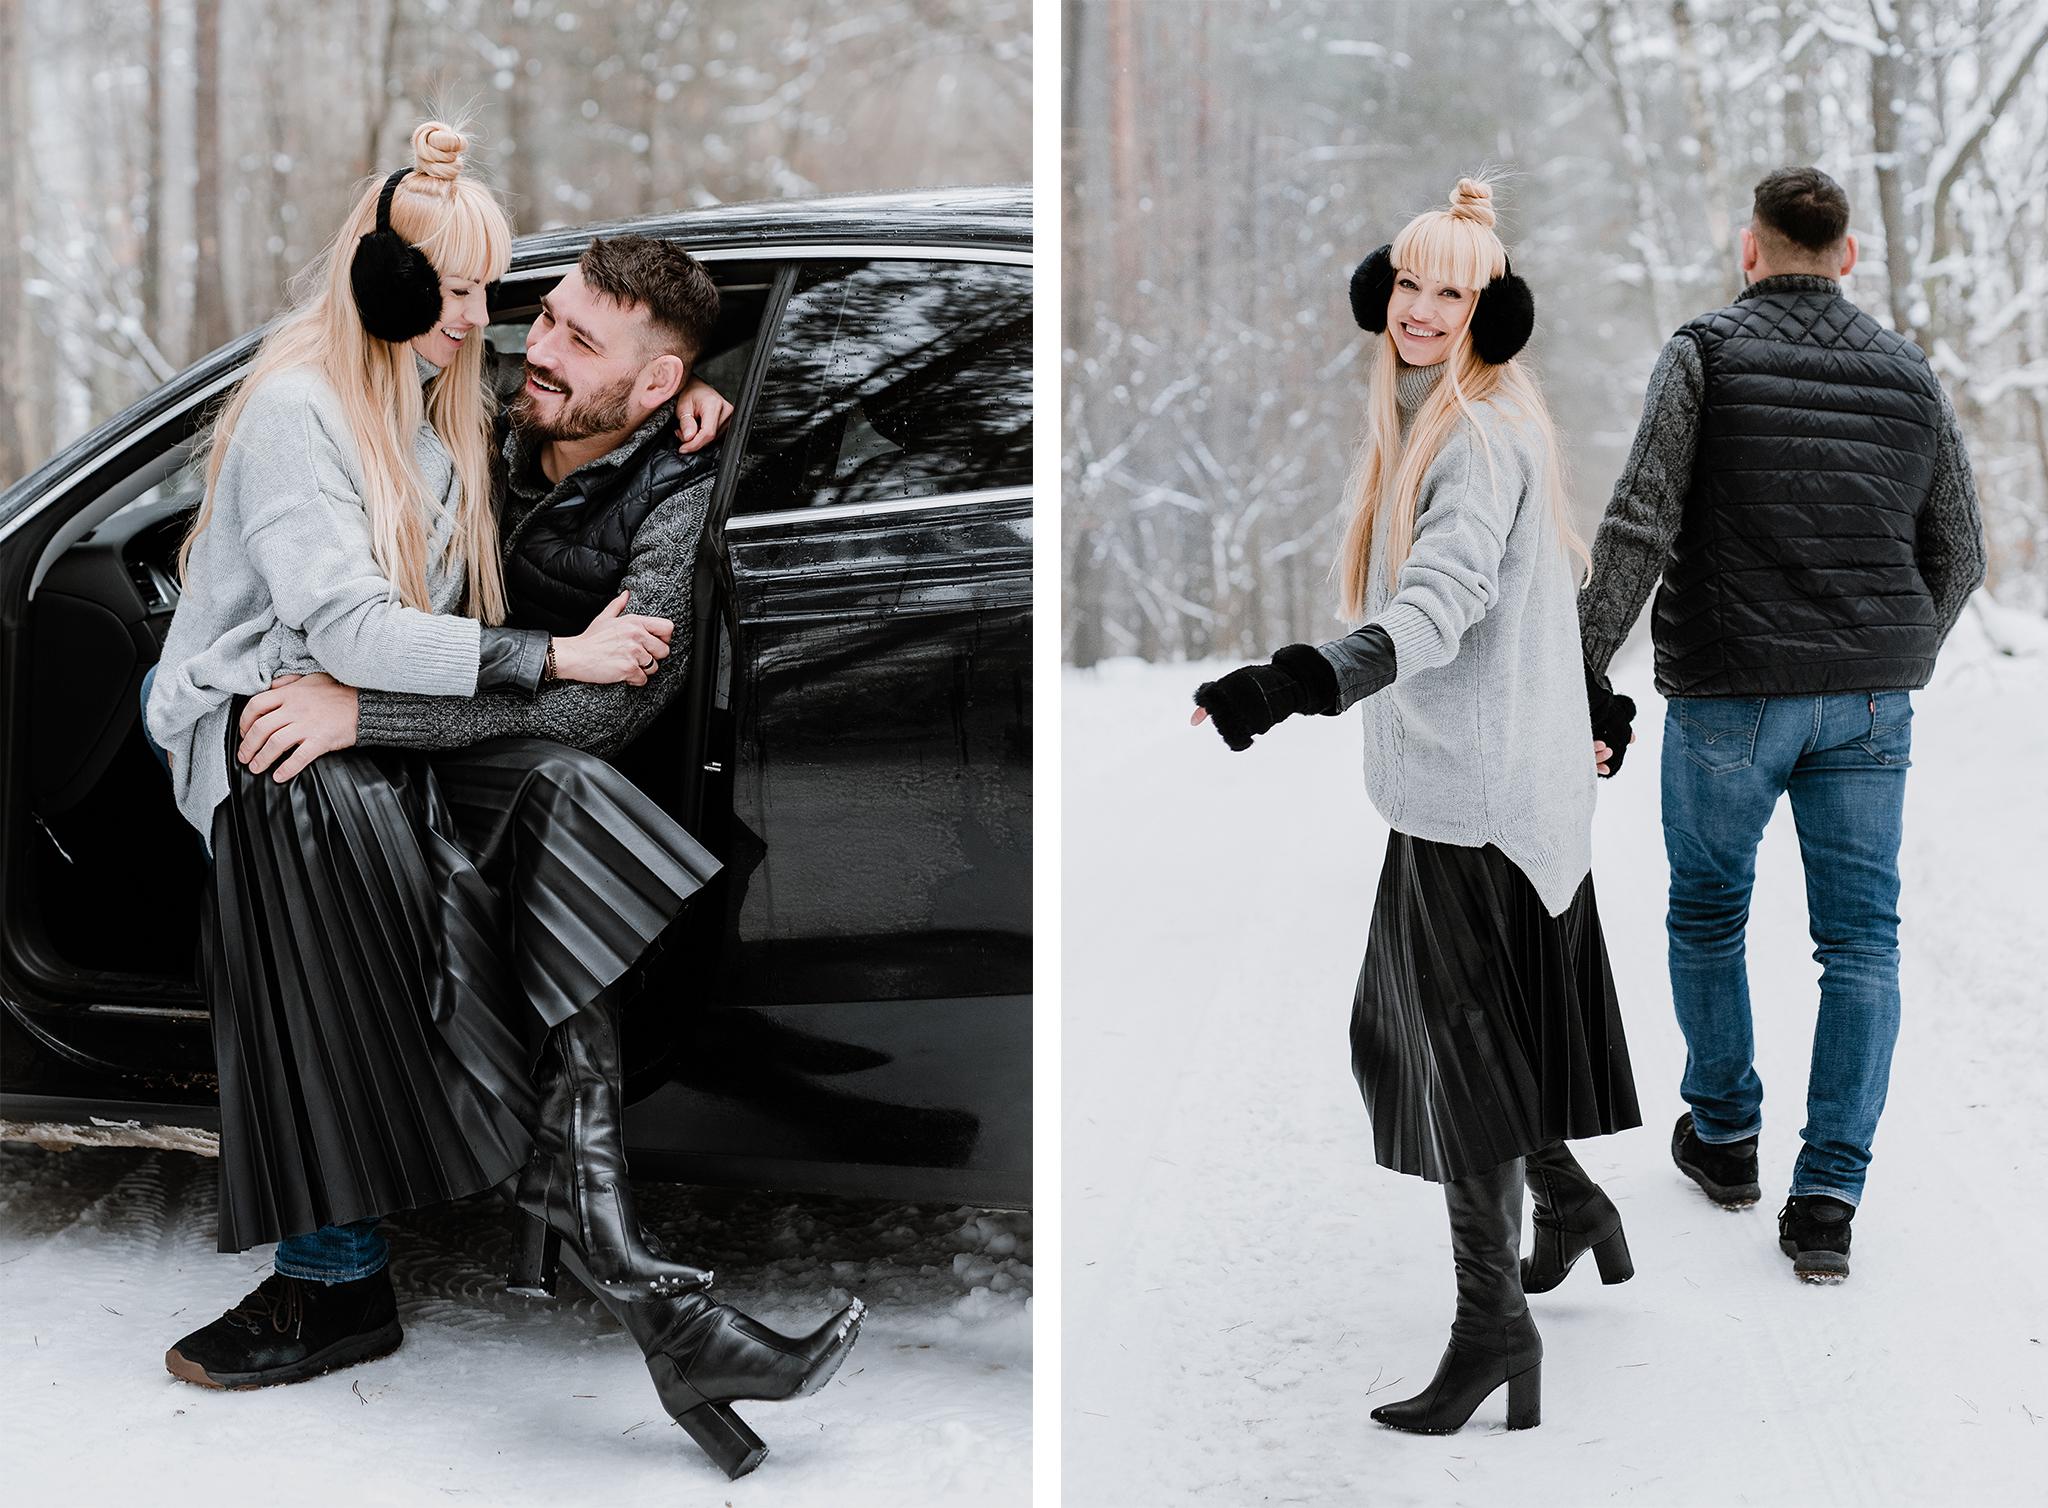 sesja dla pary zdjęcia pary